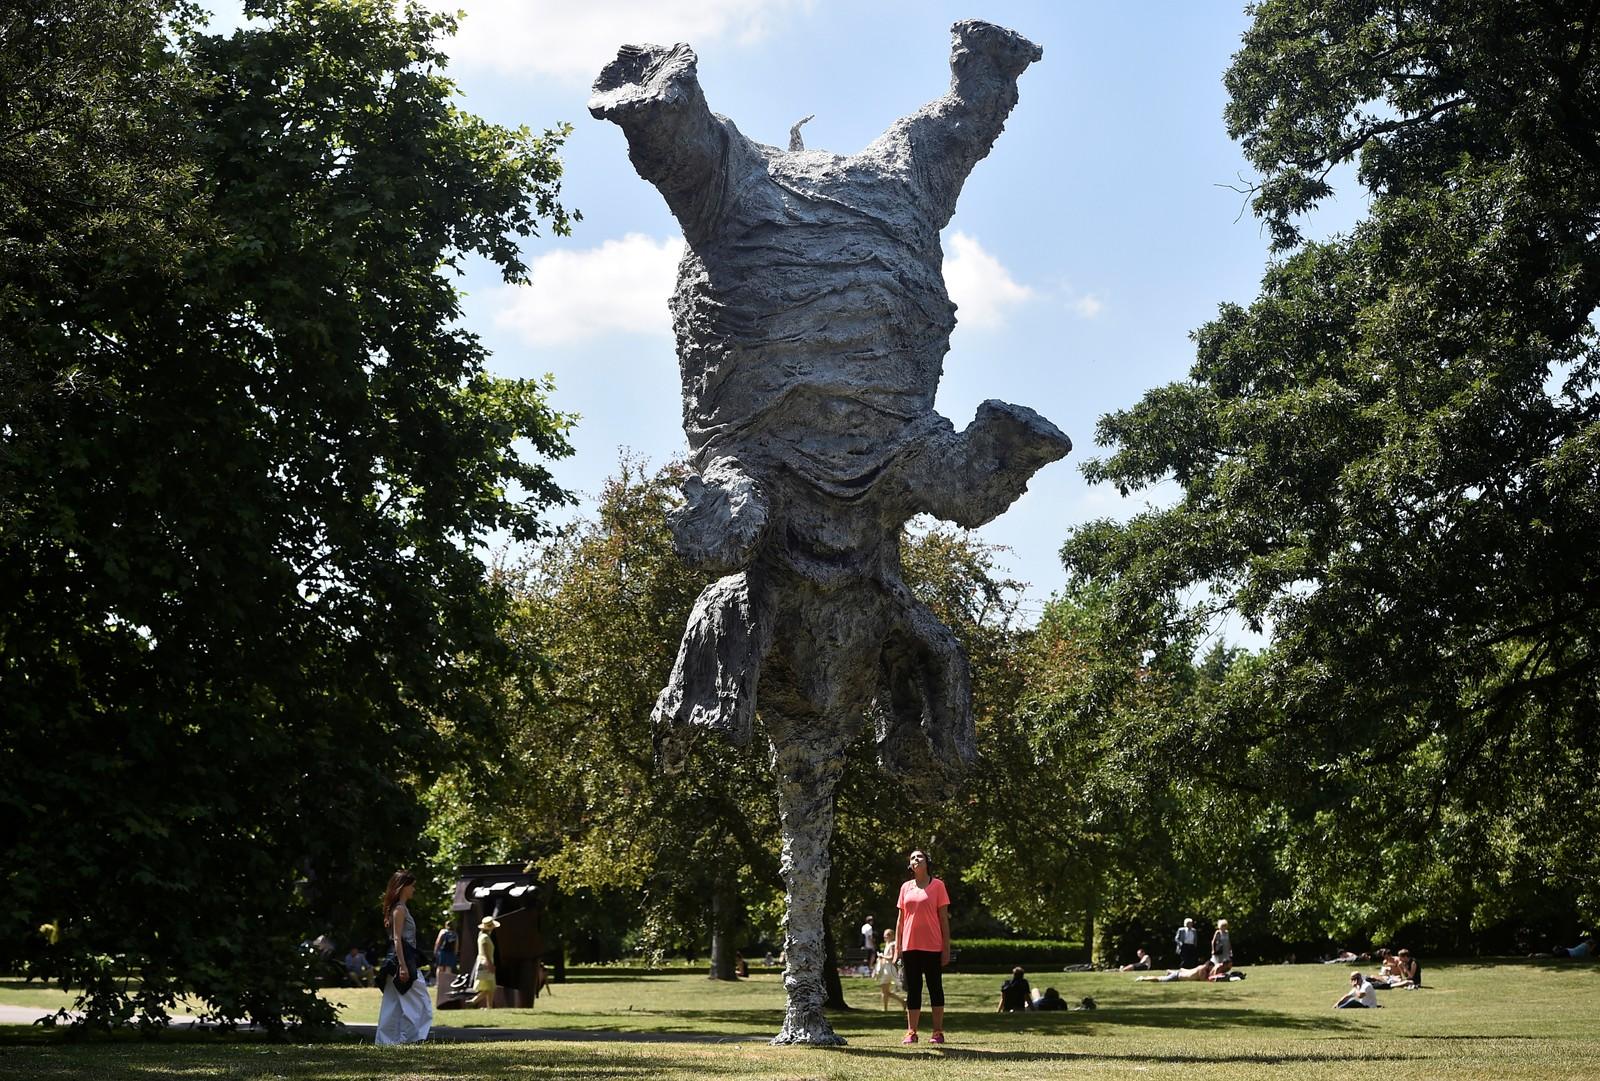 """Det sies at elefanter aldri glemmer, og hadde dette eksemplaret vært ekte ville nok denne opplevelsen festa seg til minnet. Miguel Barcelo står bak skulpturen """"Gran Elefant"""", som er en del av Frieze-utstillingen i London."""